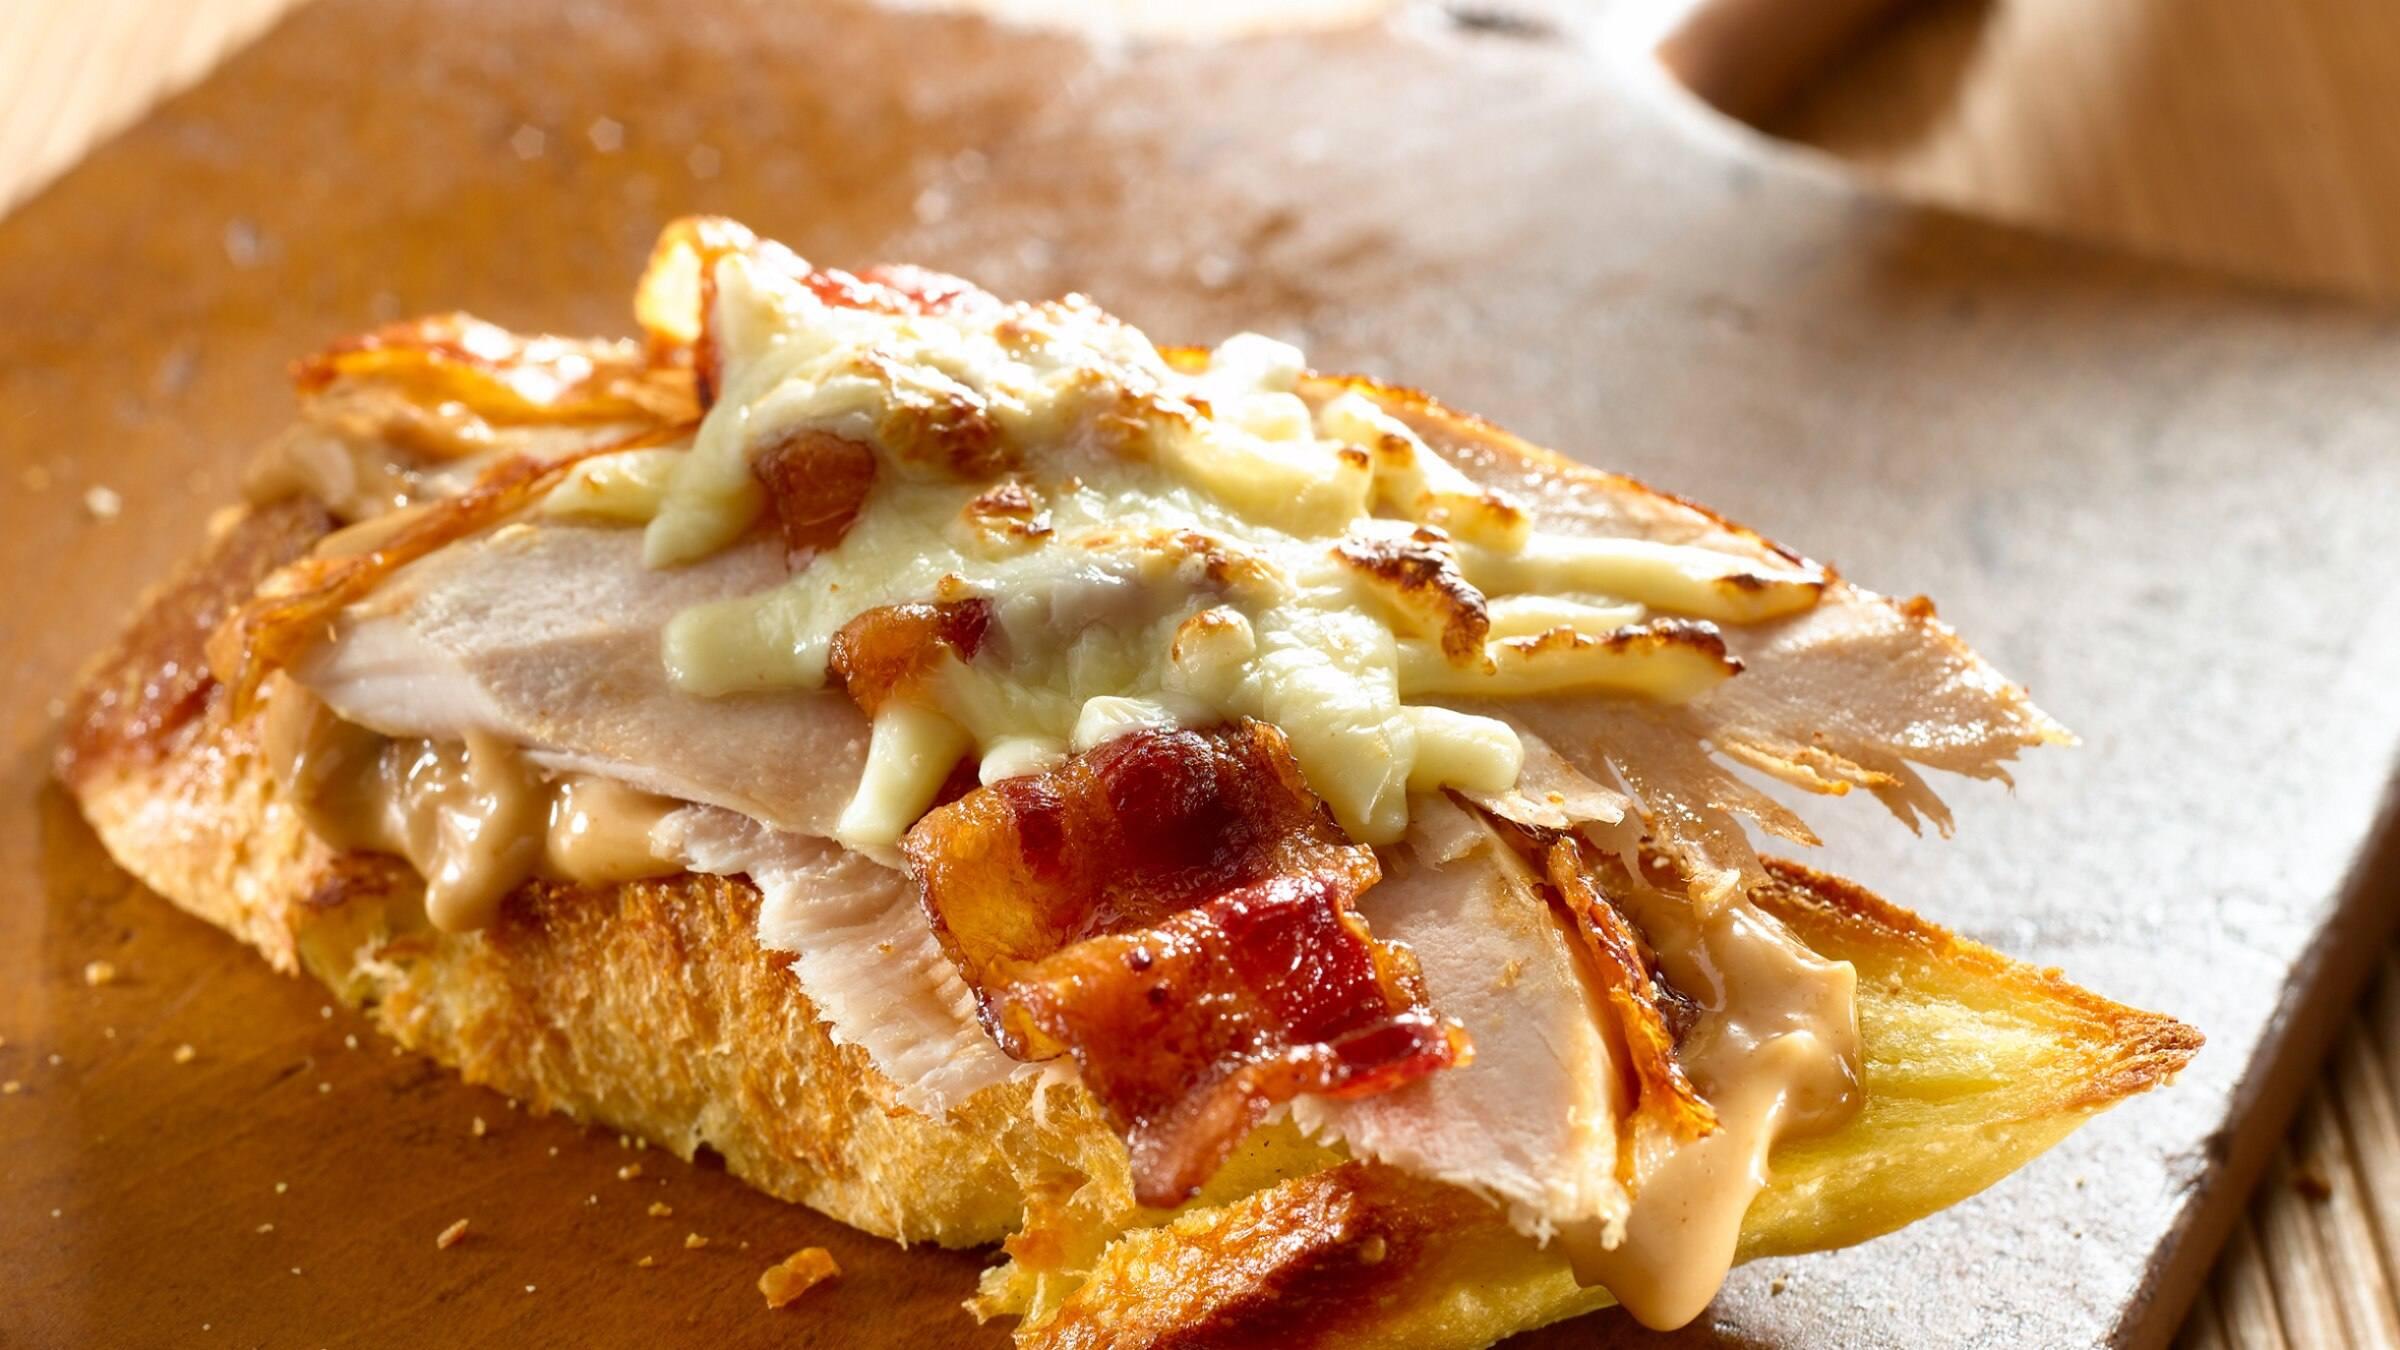 BBQ Turkey Sandwiches Recipe